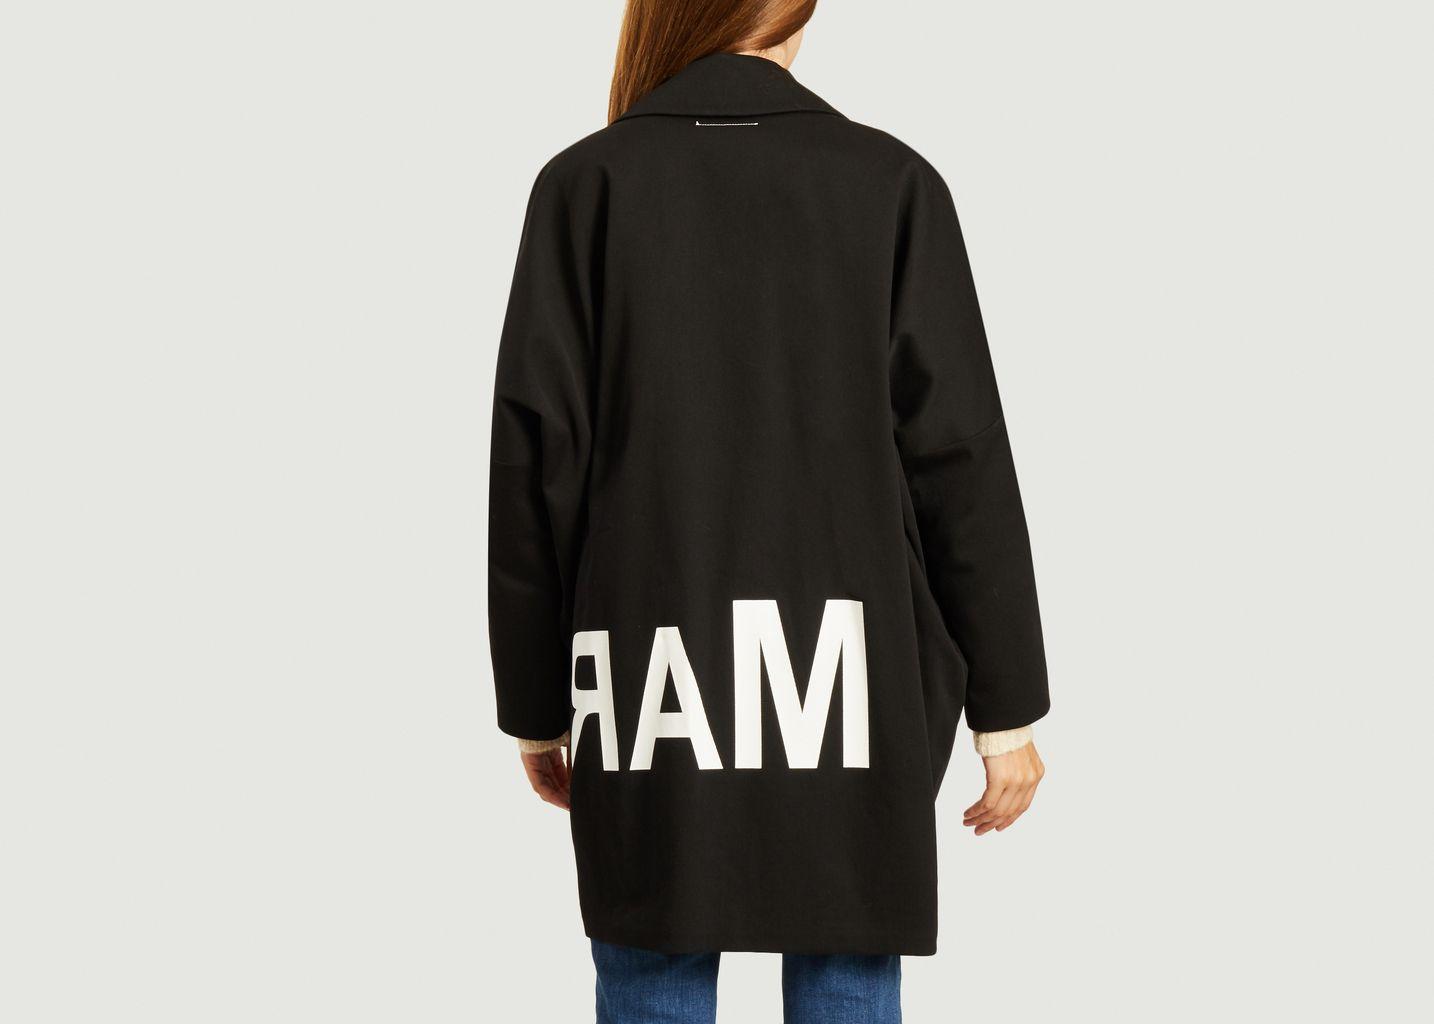 Manteau oversize en coton avec logo inversé - MM6 Maison Margiela